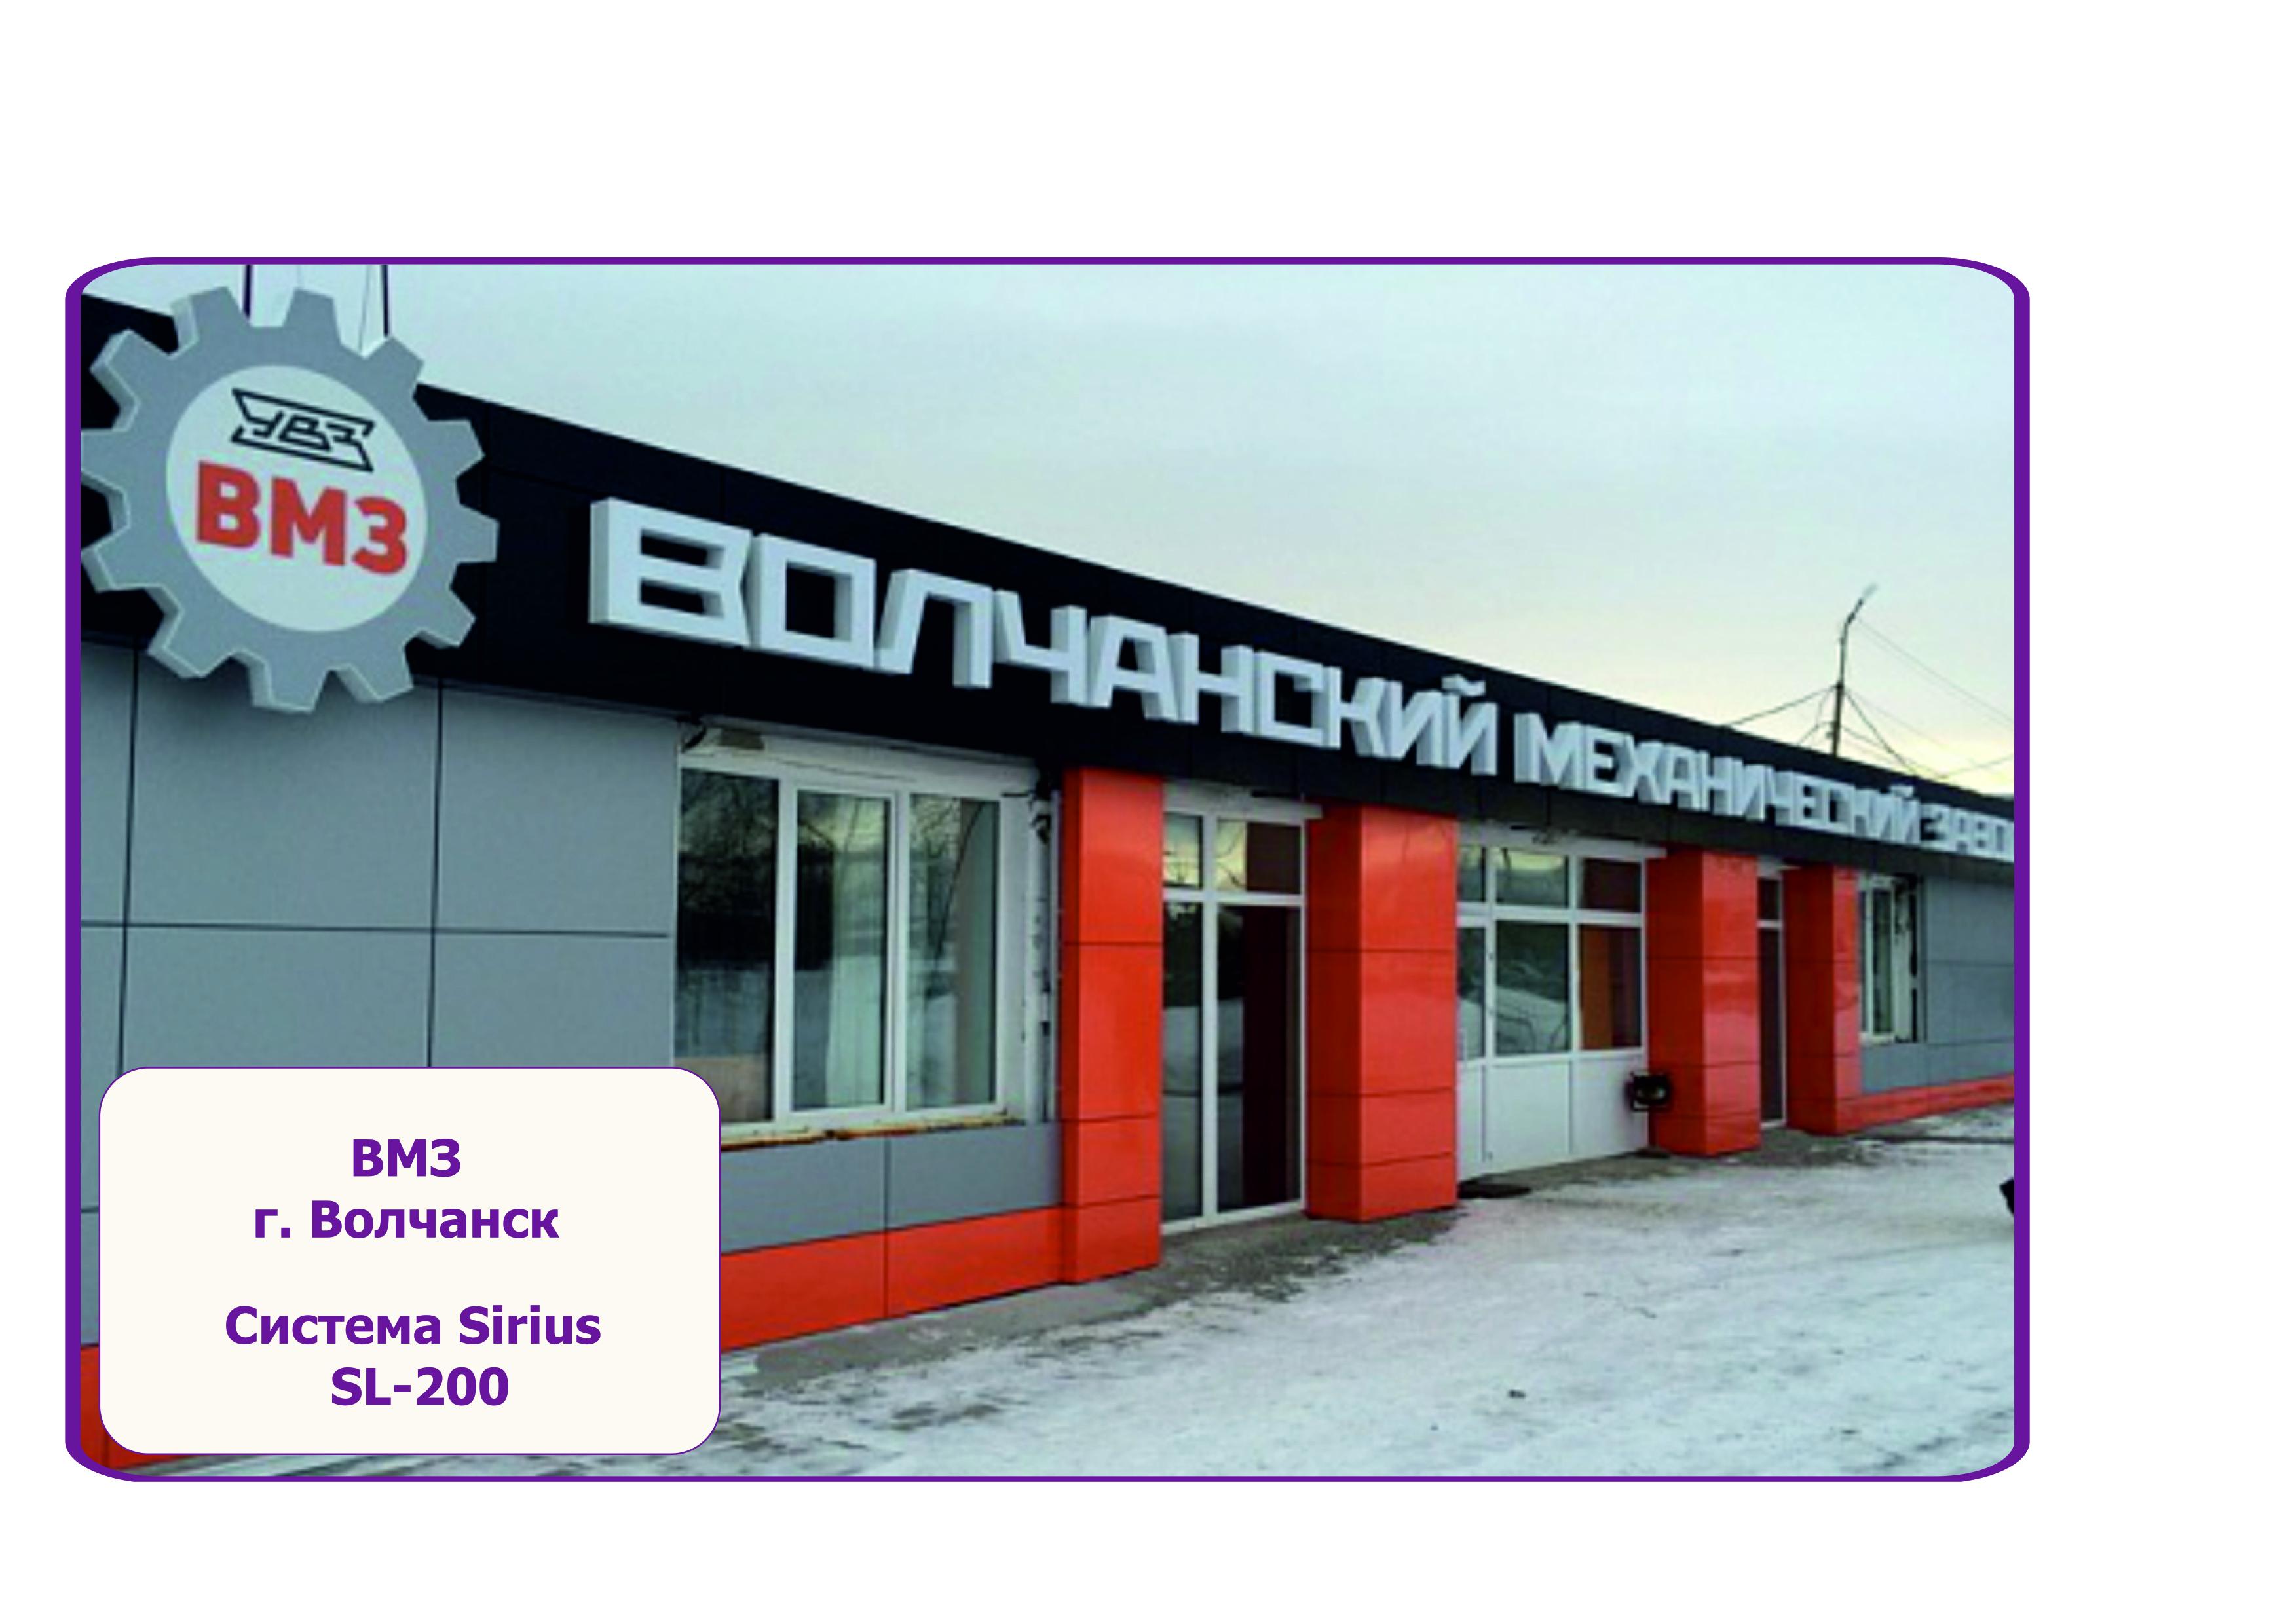 Волчанский механический завод Фасад объекта облицован на алюминиевой подсистеме SIRIUS SL-200 - композитные панели, усиленный Y-профиль